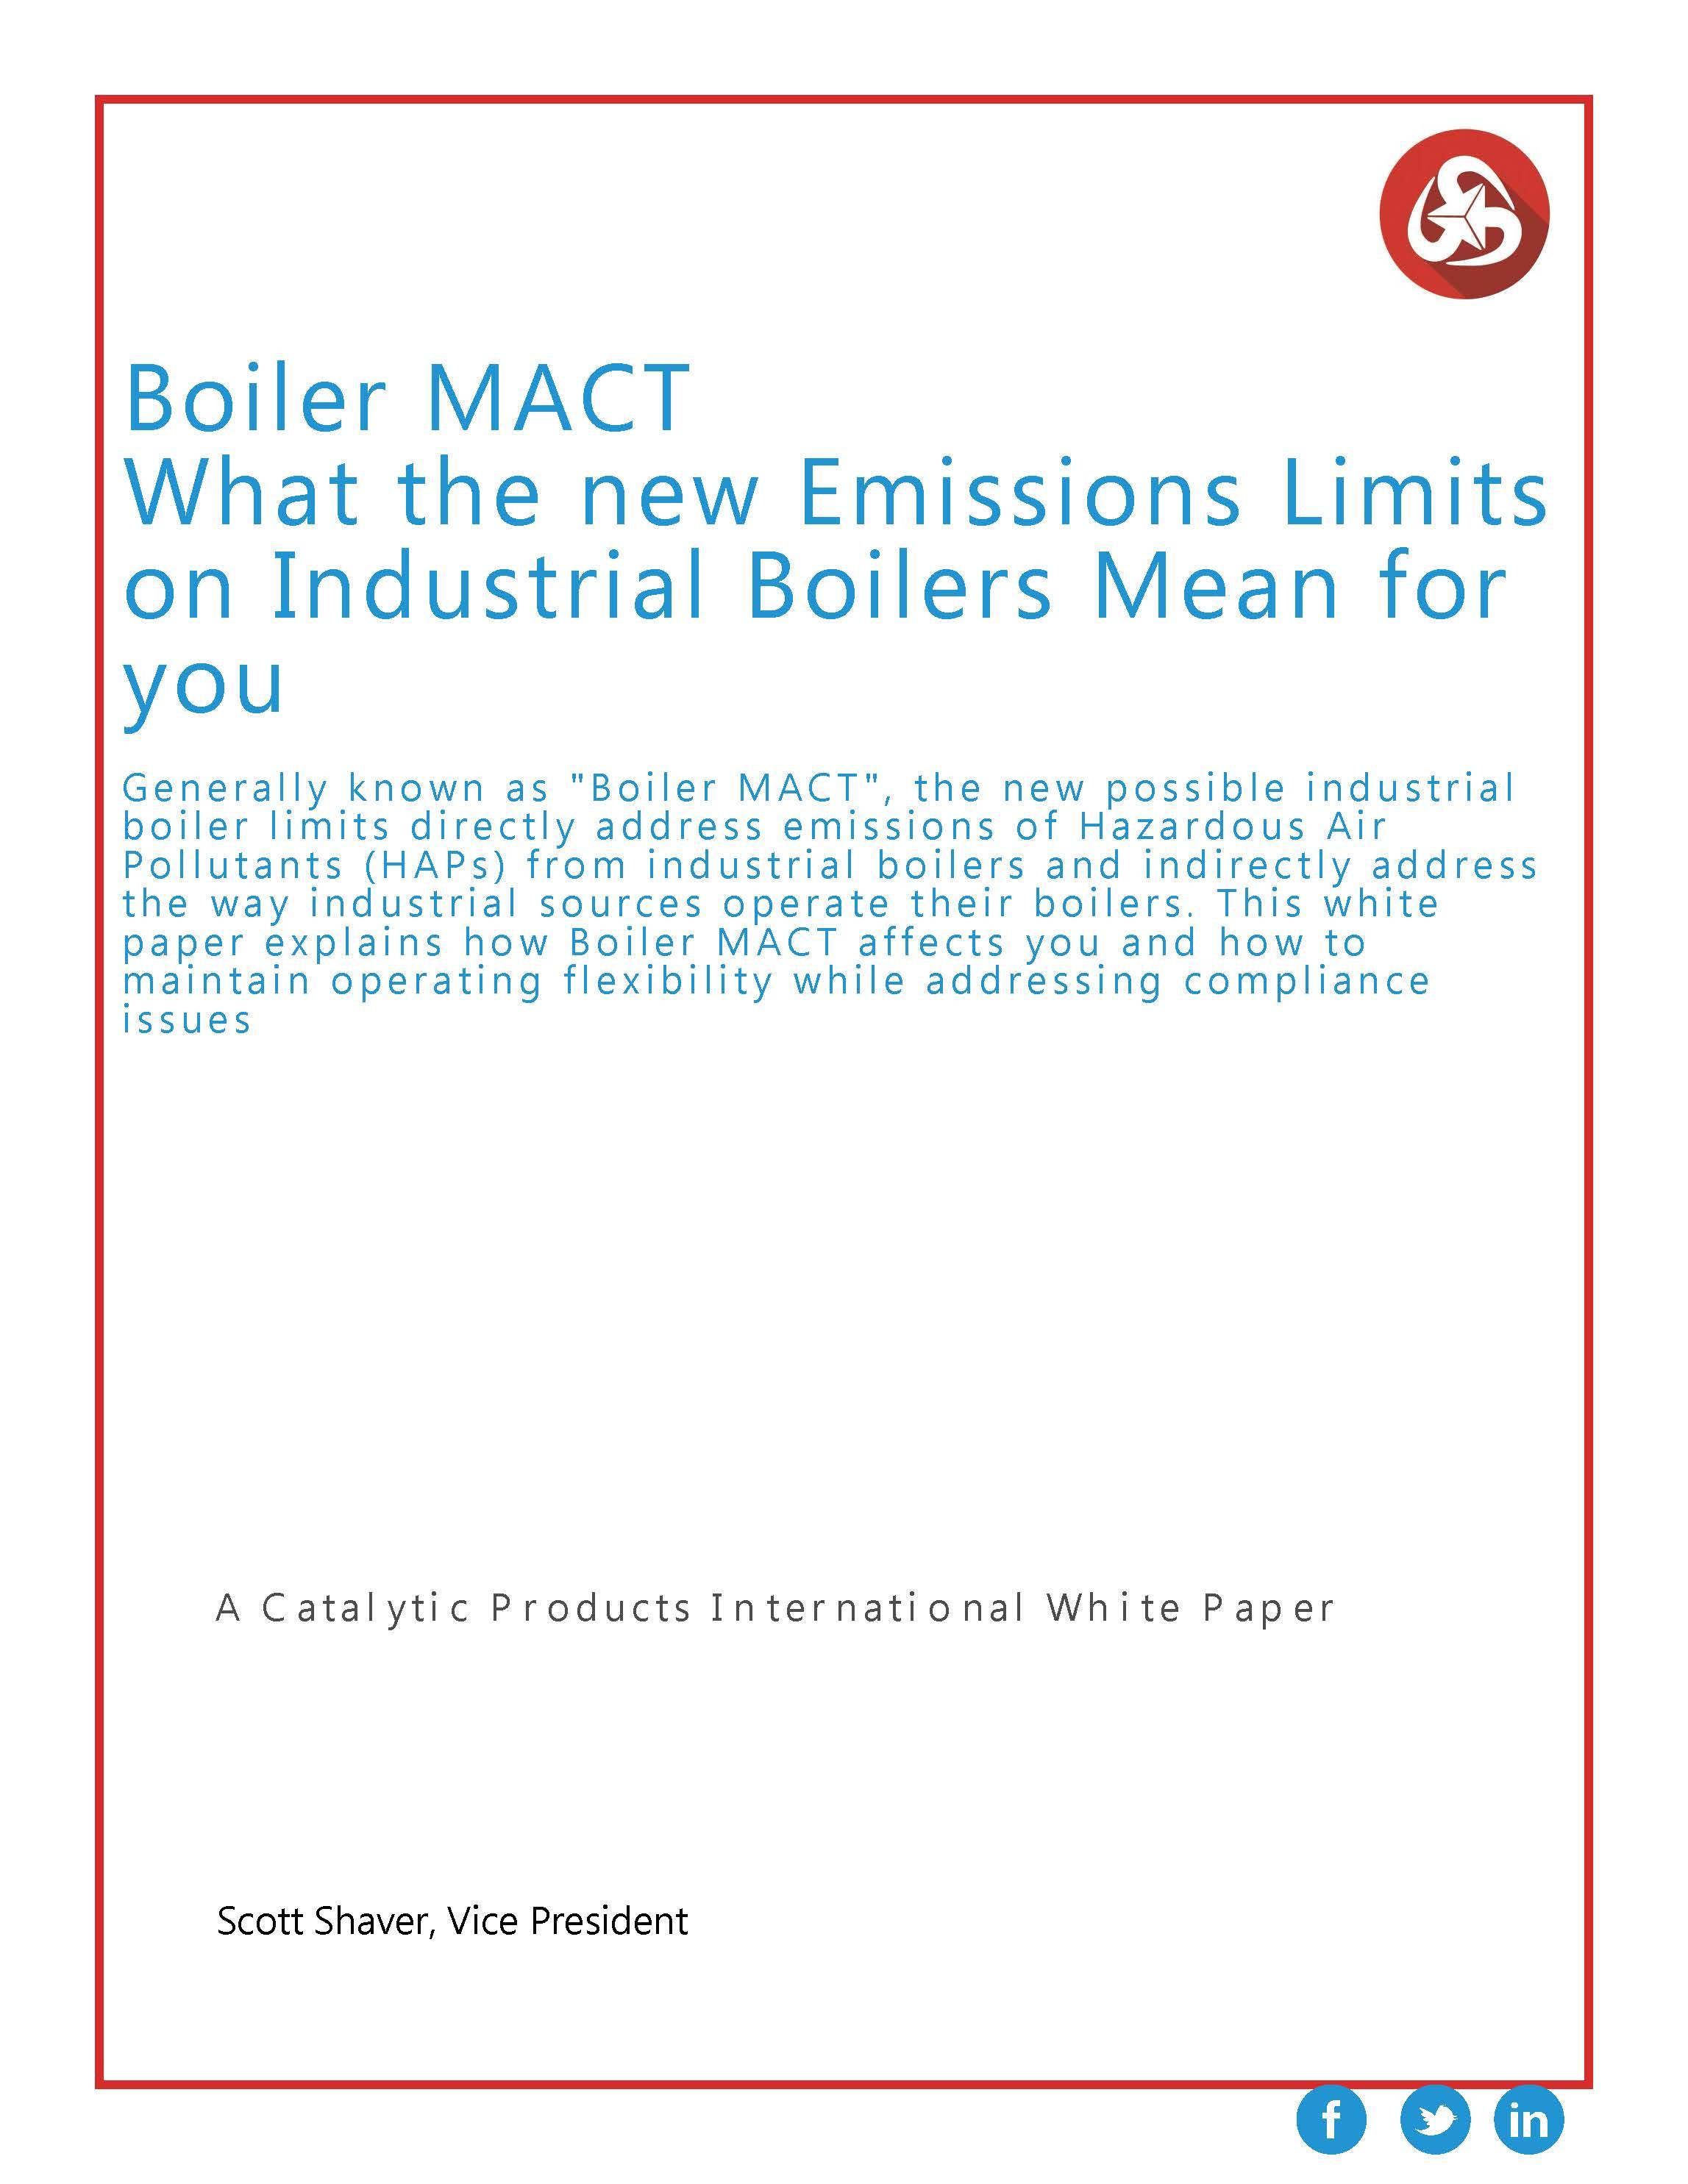 2014_Boiler_Mact_Emissions_Limits